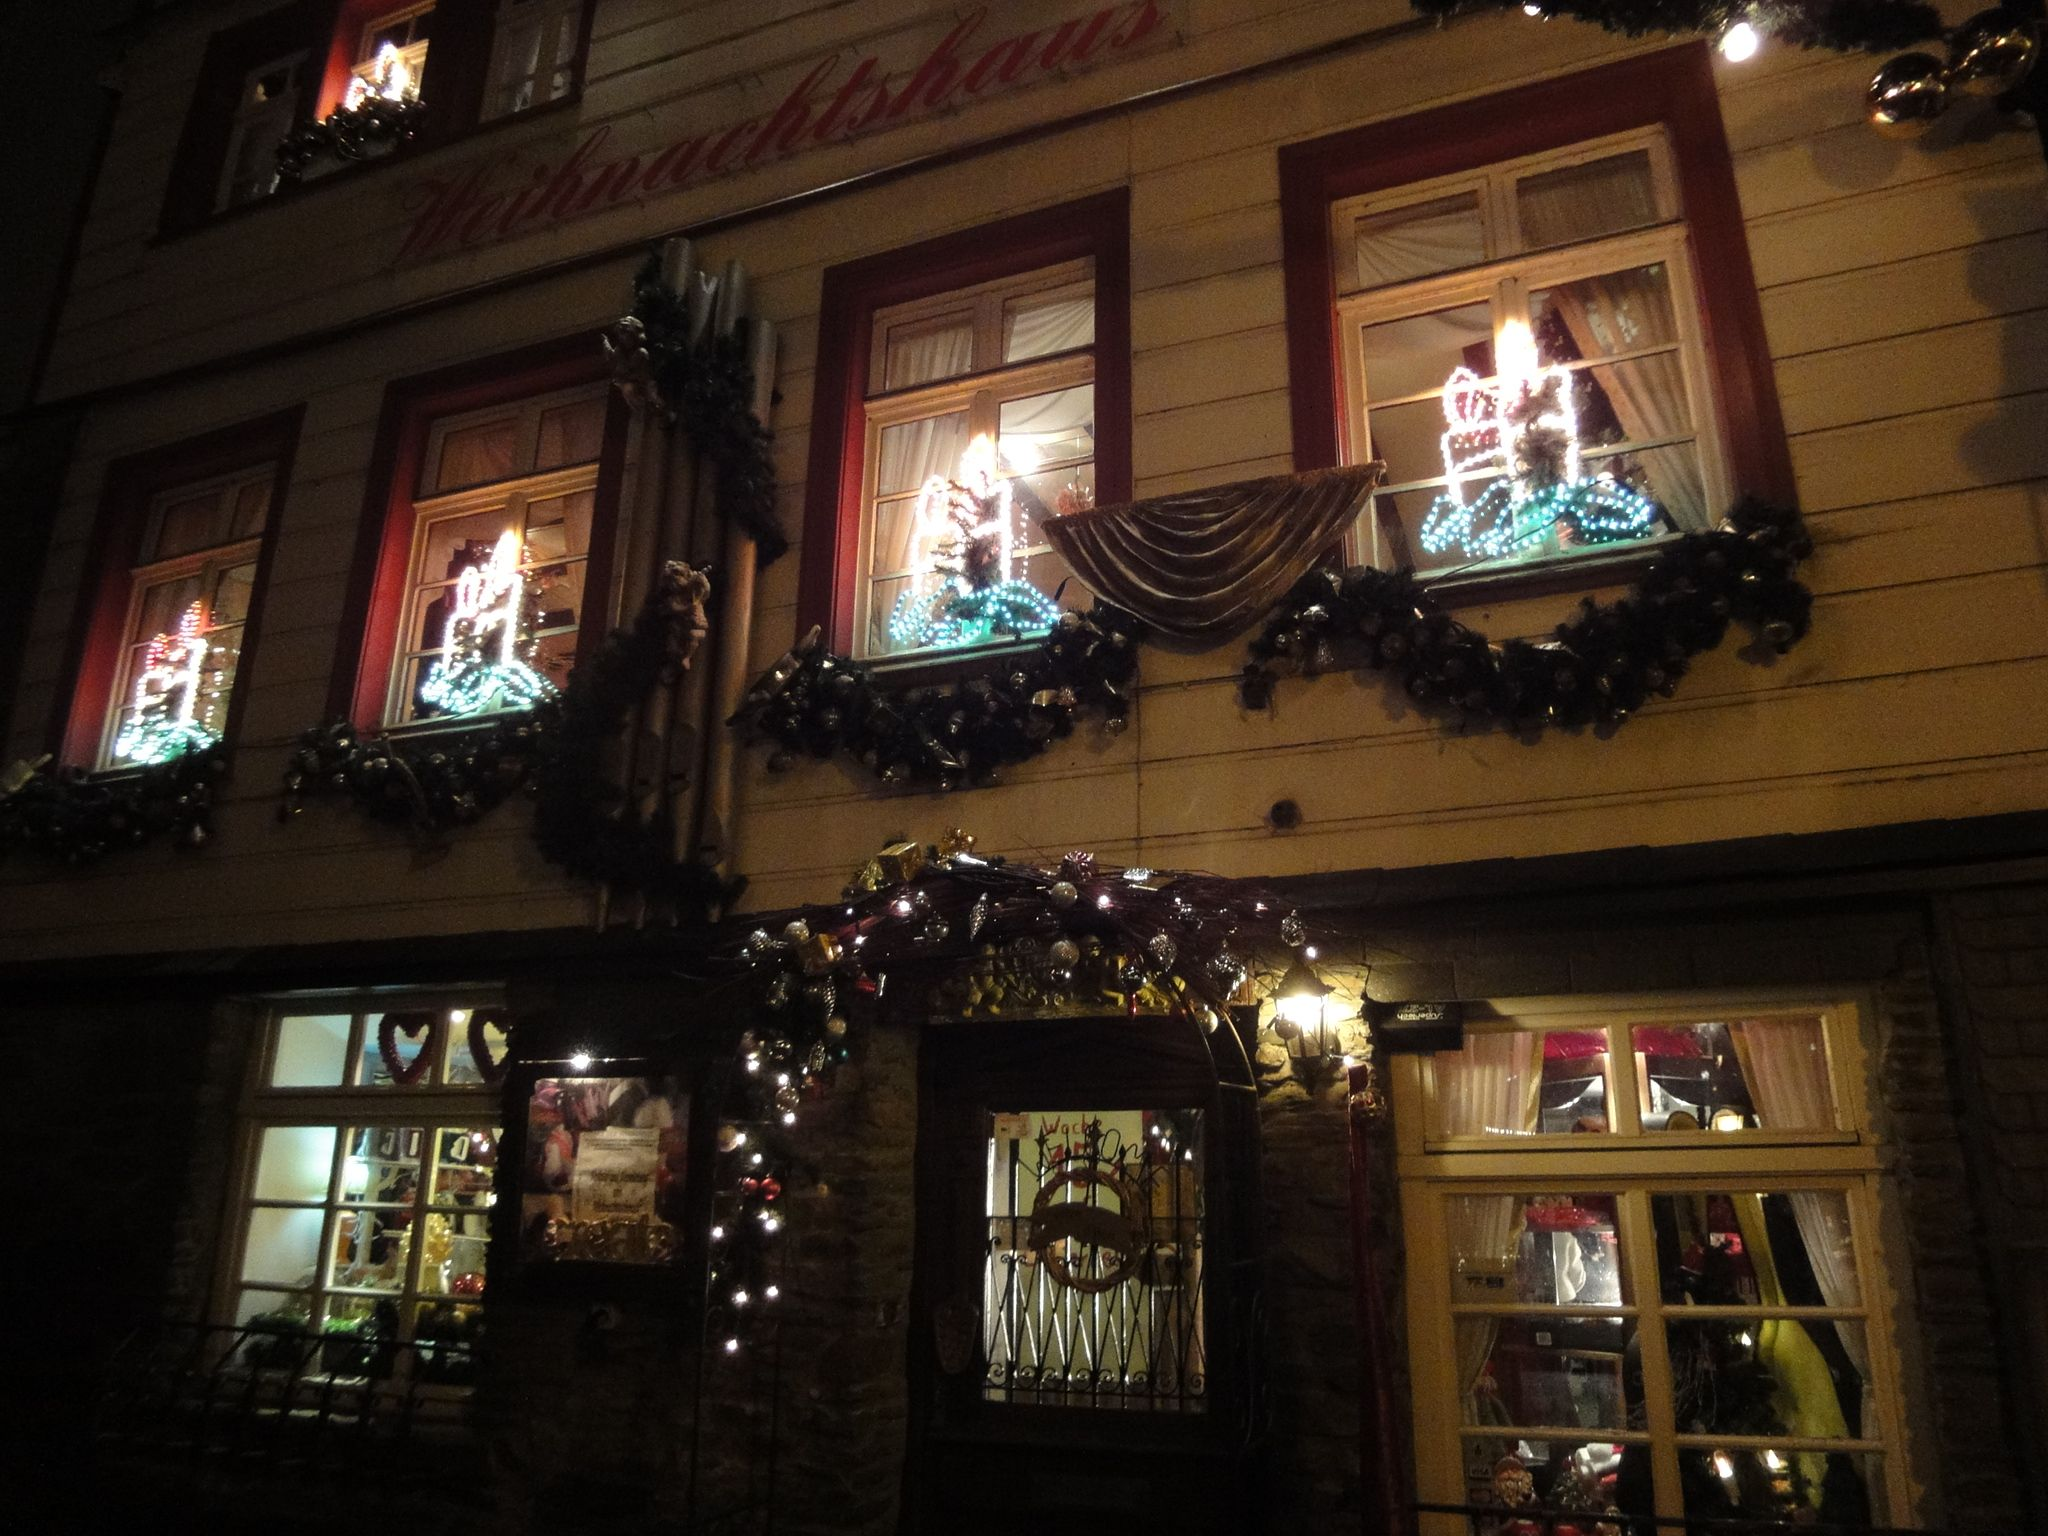 Weihnachtshaus in Monschau flugsziele nrw